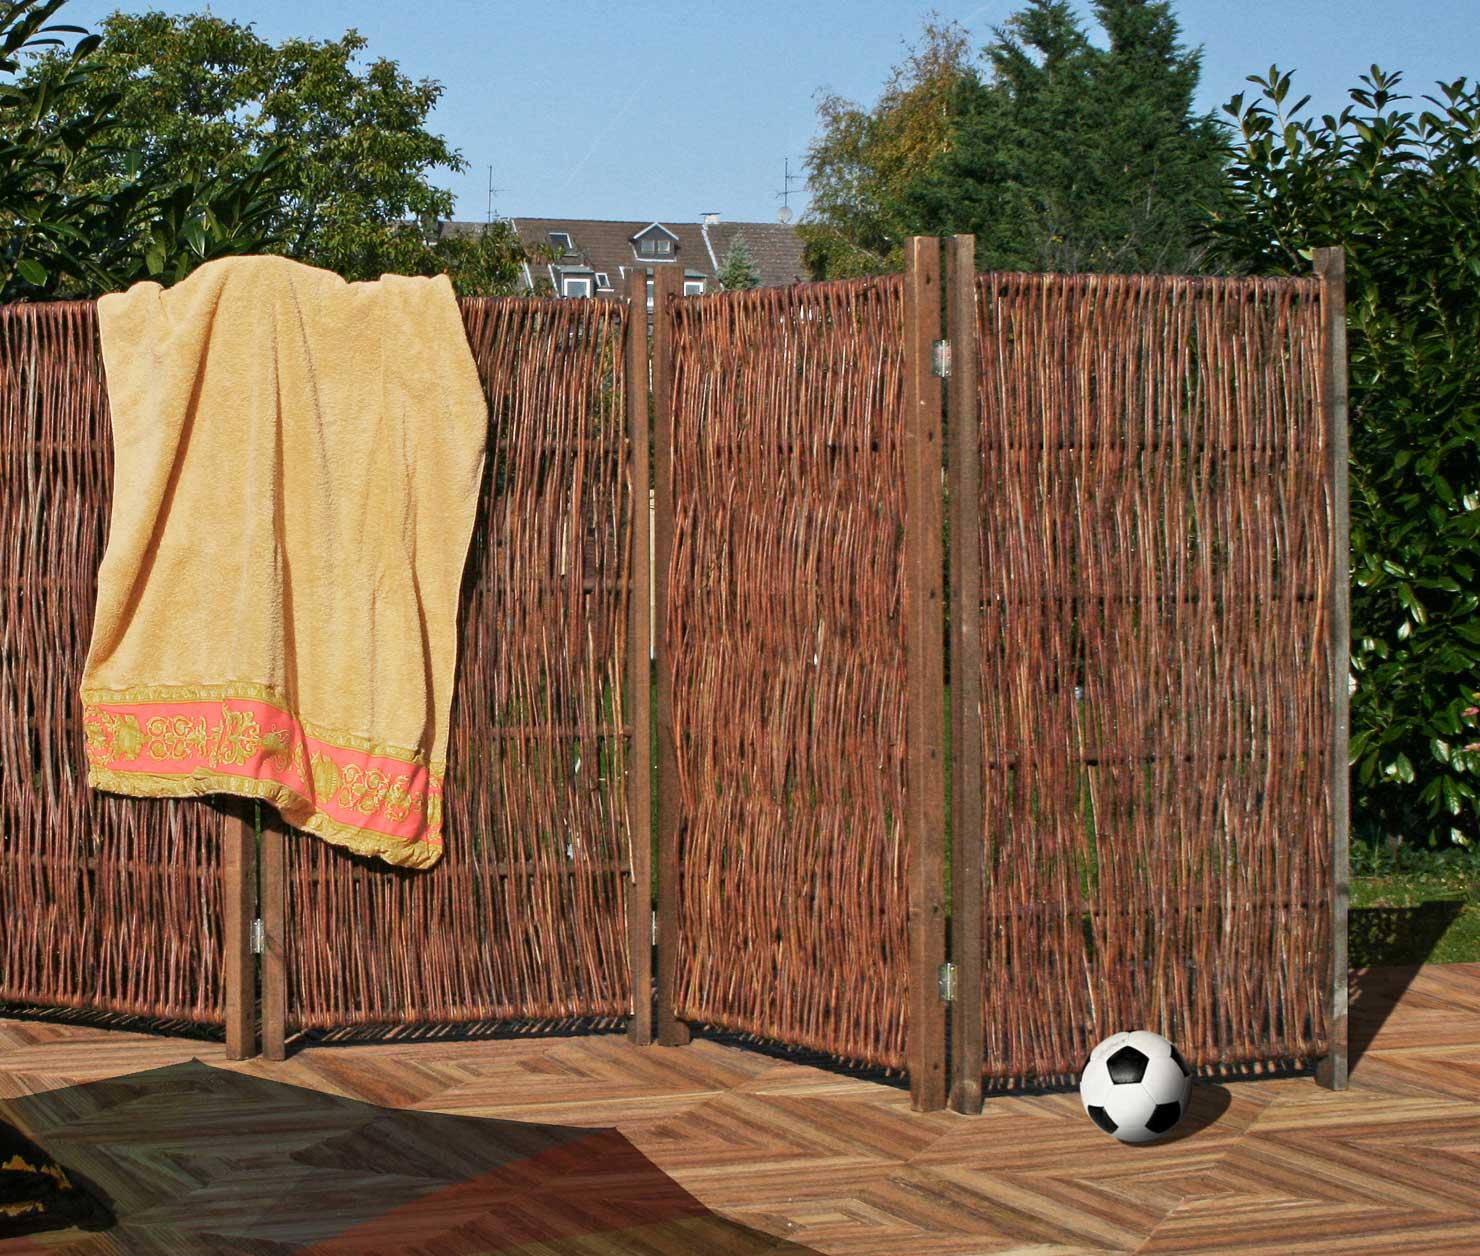 paravent aus weiden - 240 x 120 cm, Garten ideen gestaltung